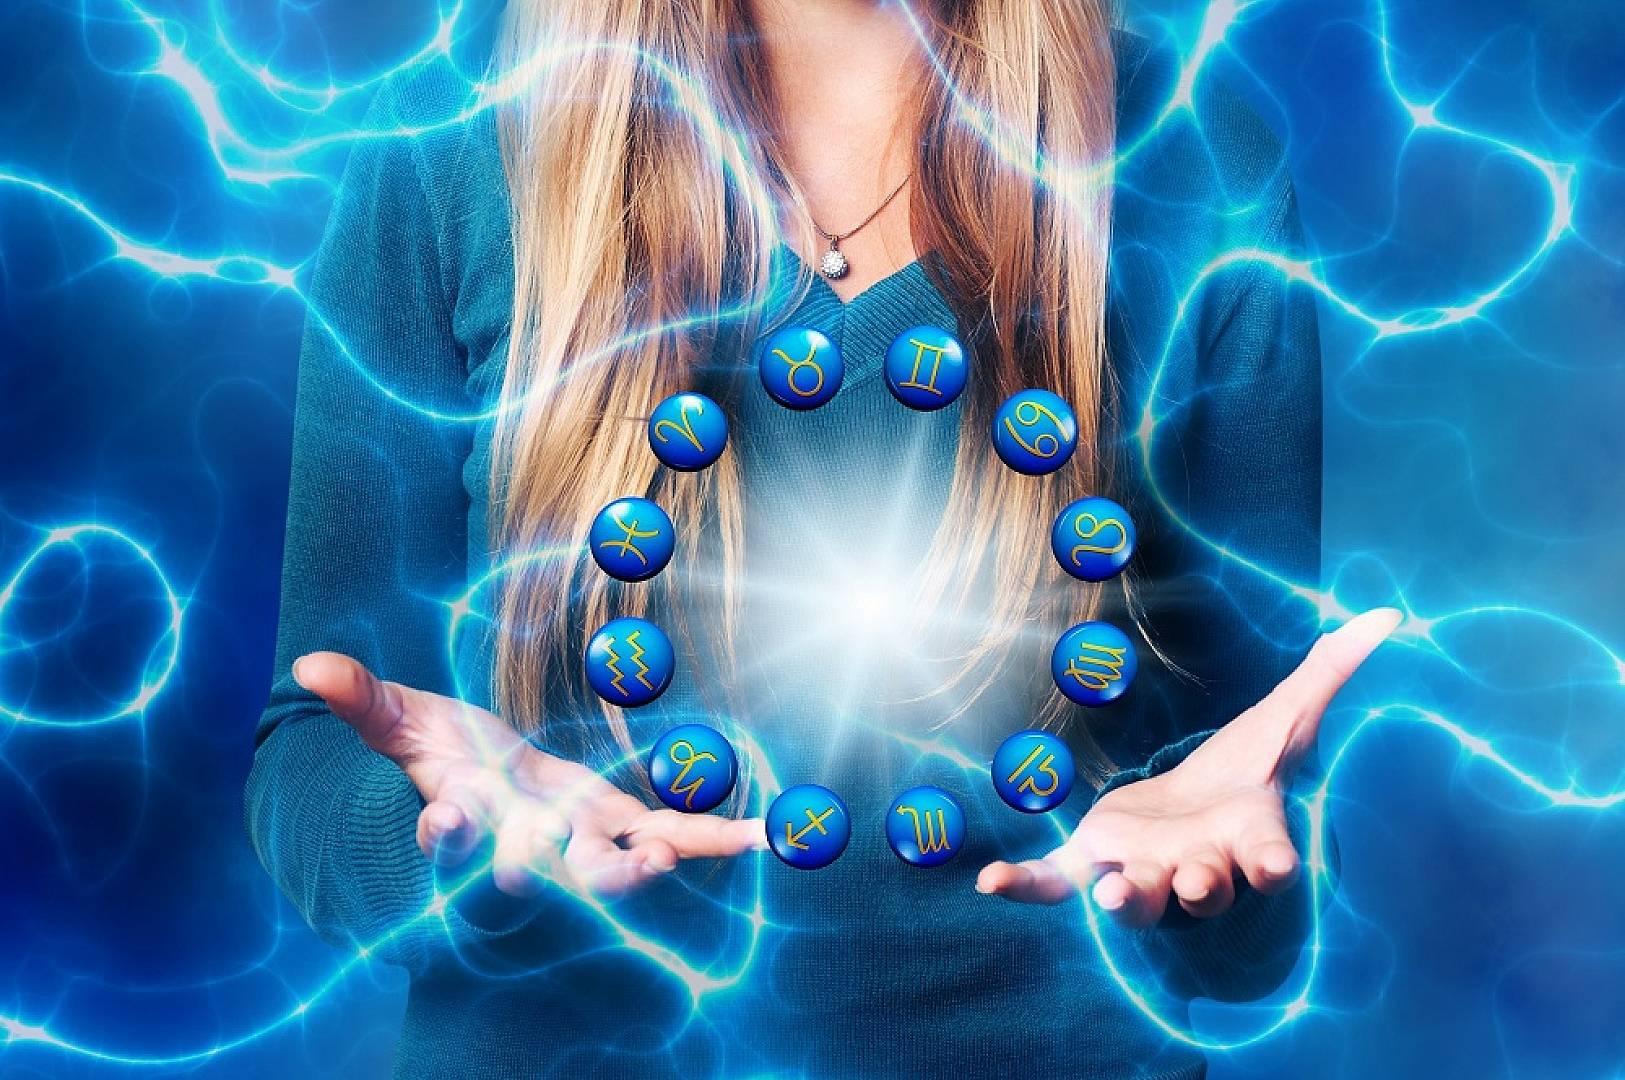 Мантра интуиции — откройте в себе сверхспособности! мантра интуиции (очень мощная) помогает развить сверхспособности. мантра для раскрытия ясновидения